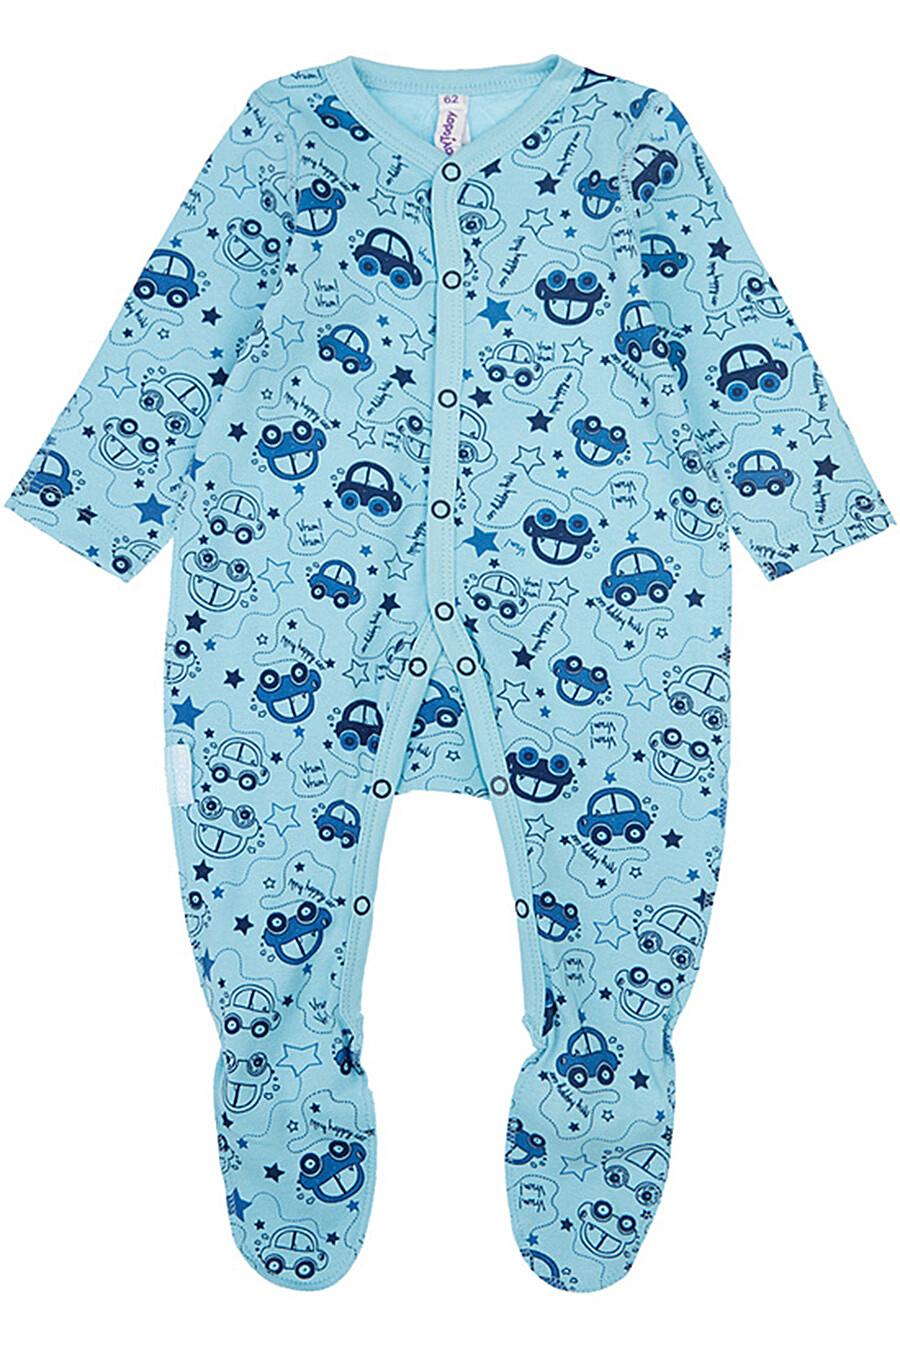 Комплект (Конверт+Боди+Комбинезон+Шапочка) для мальчиков PLAYTODAY 289447 купить оптом от производителя. Совместная покупка детской одежды в OptMoyo